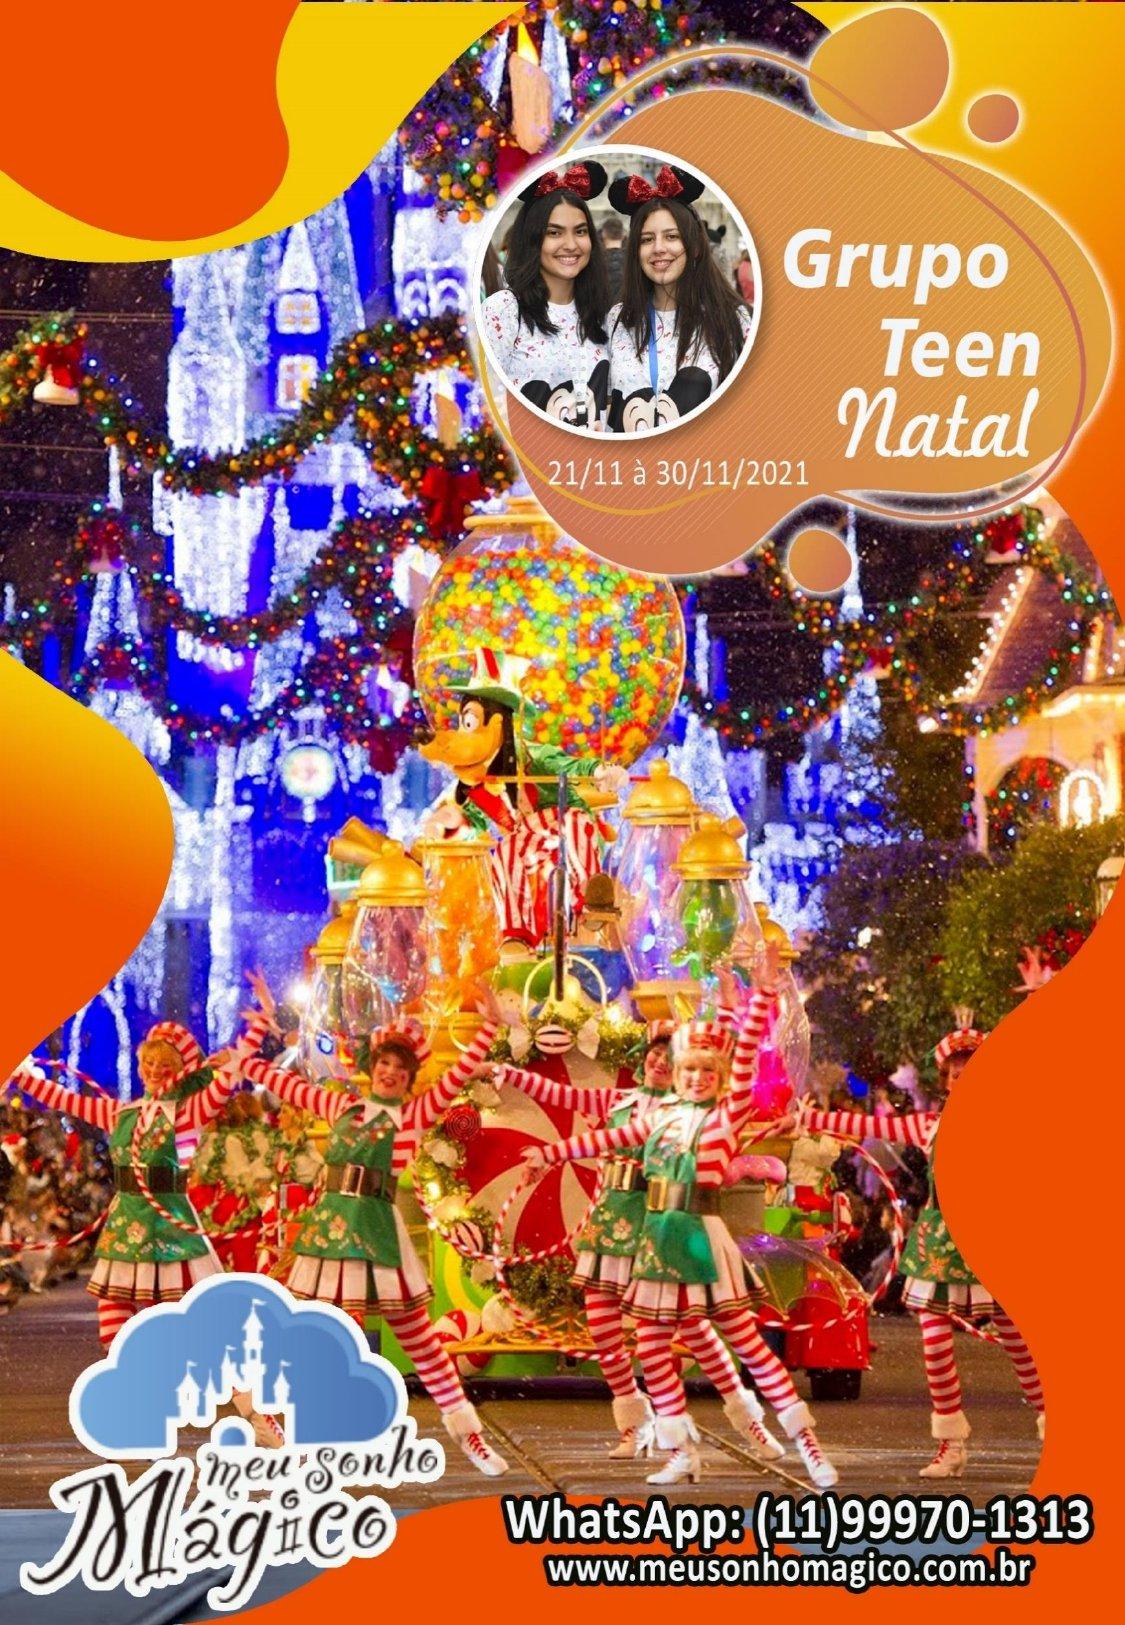 Grupo Teen Natal - Disney Novembro 2021 1